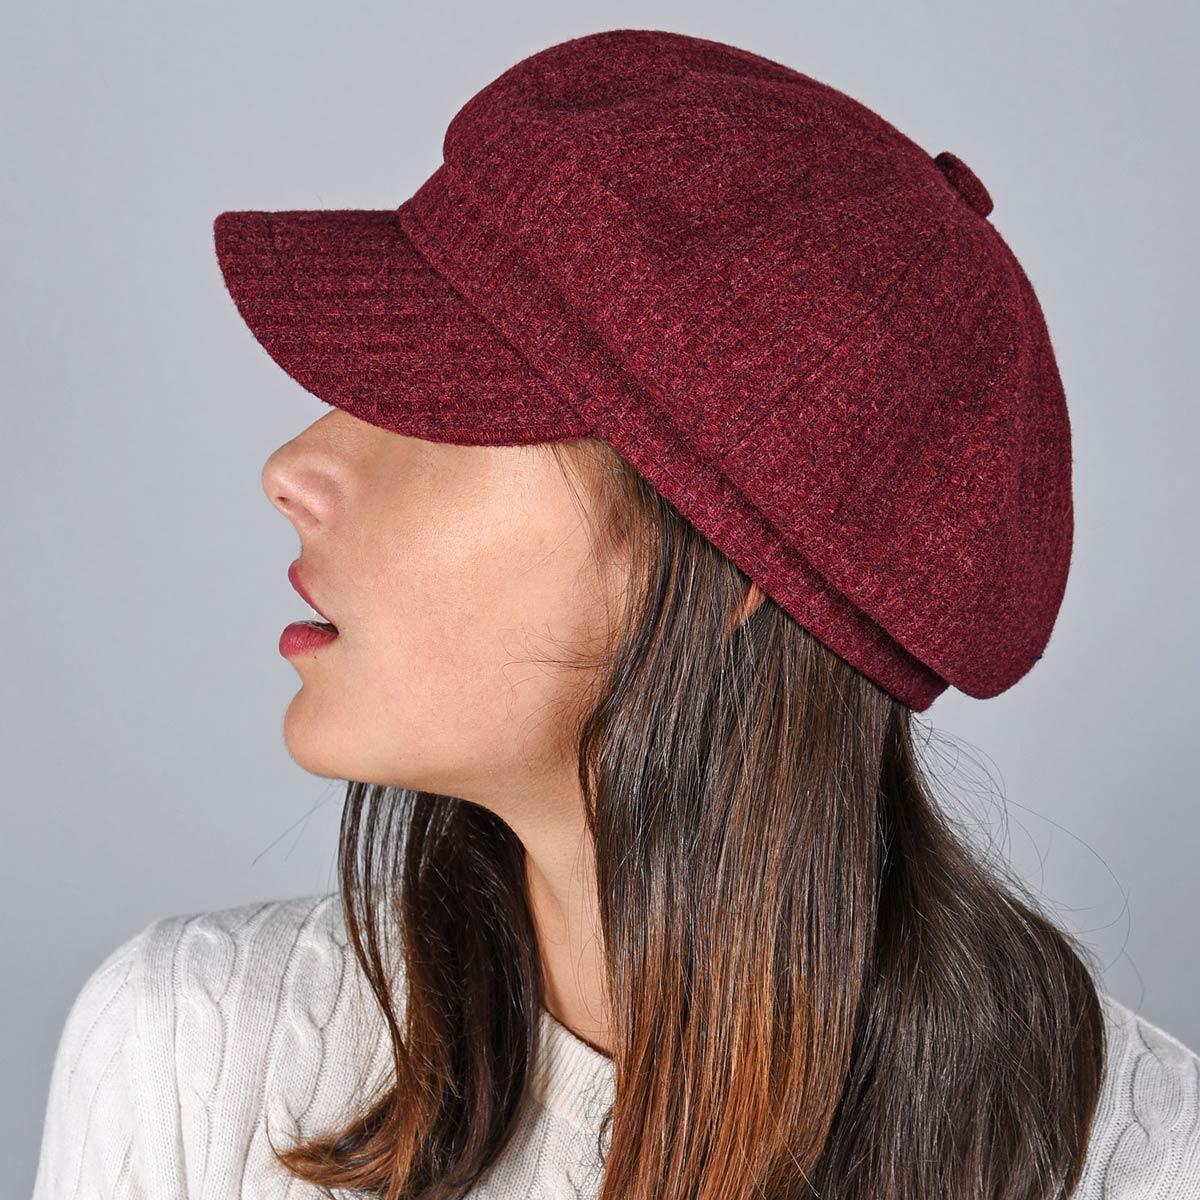 CP-01574-W12-1-casquette-femme-bordeaux